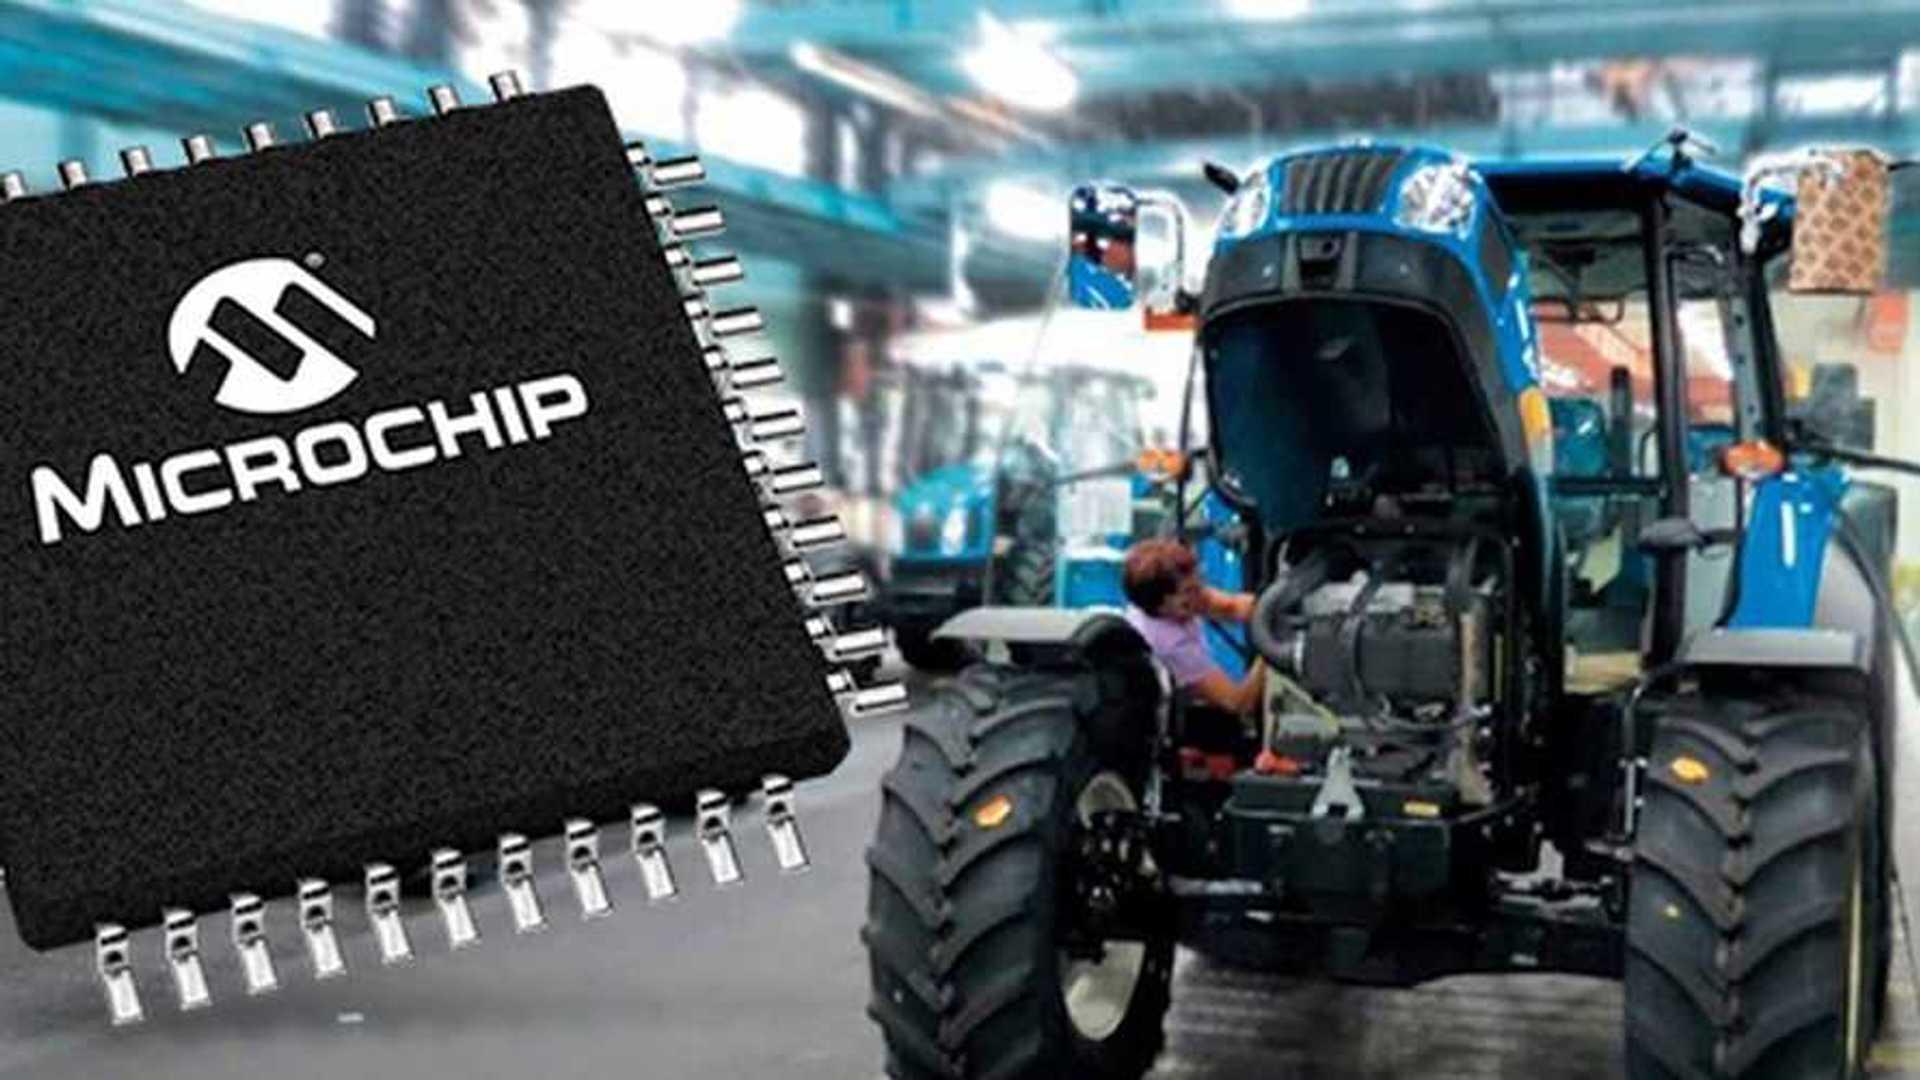 Crisi microchip: Cnh Industrial ferma le fabbriche